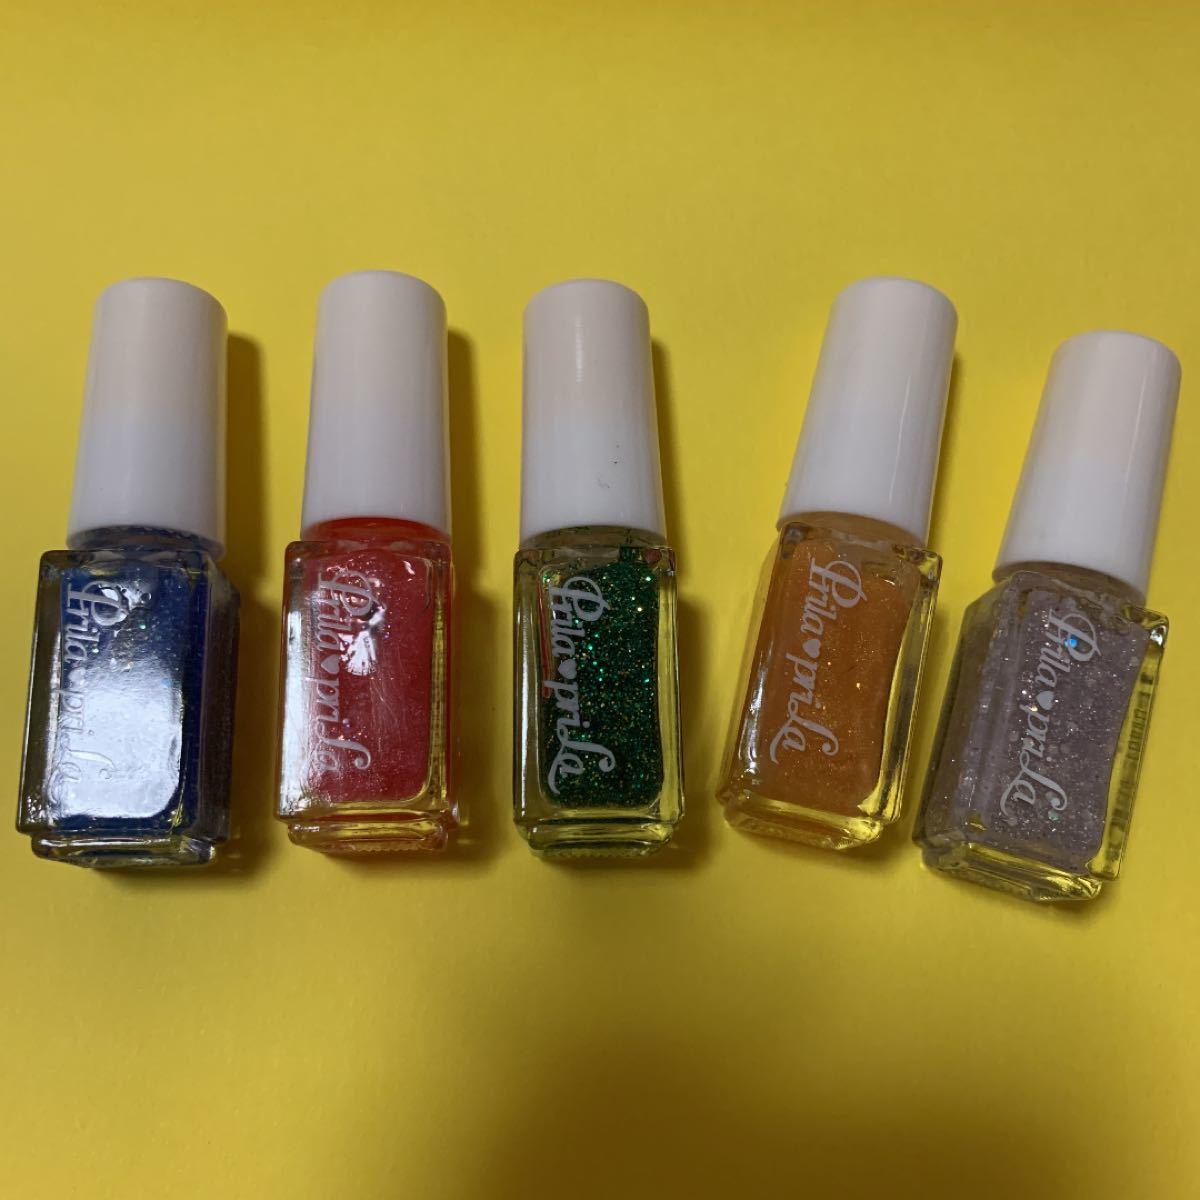 ネイルカラーマニキュア5色